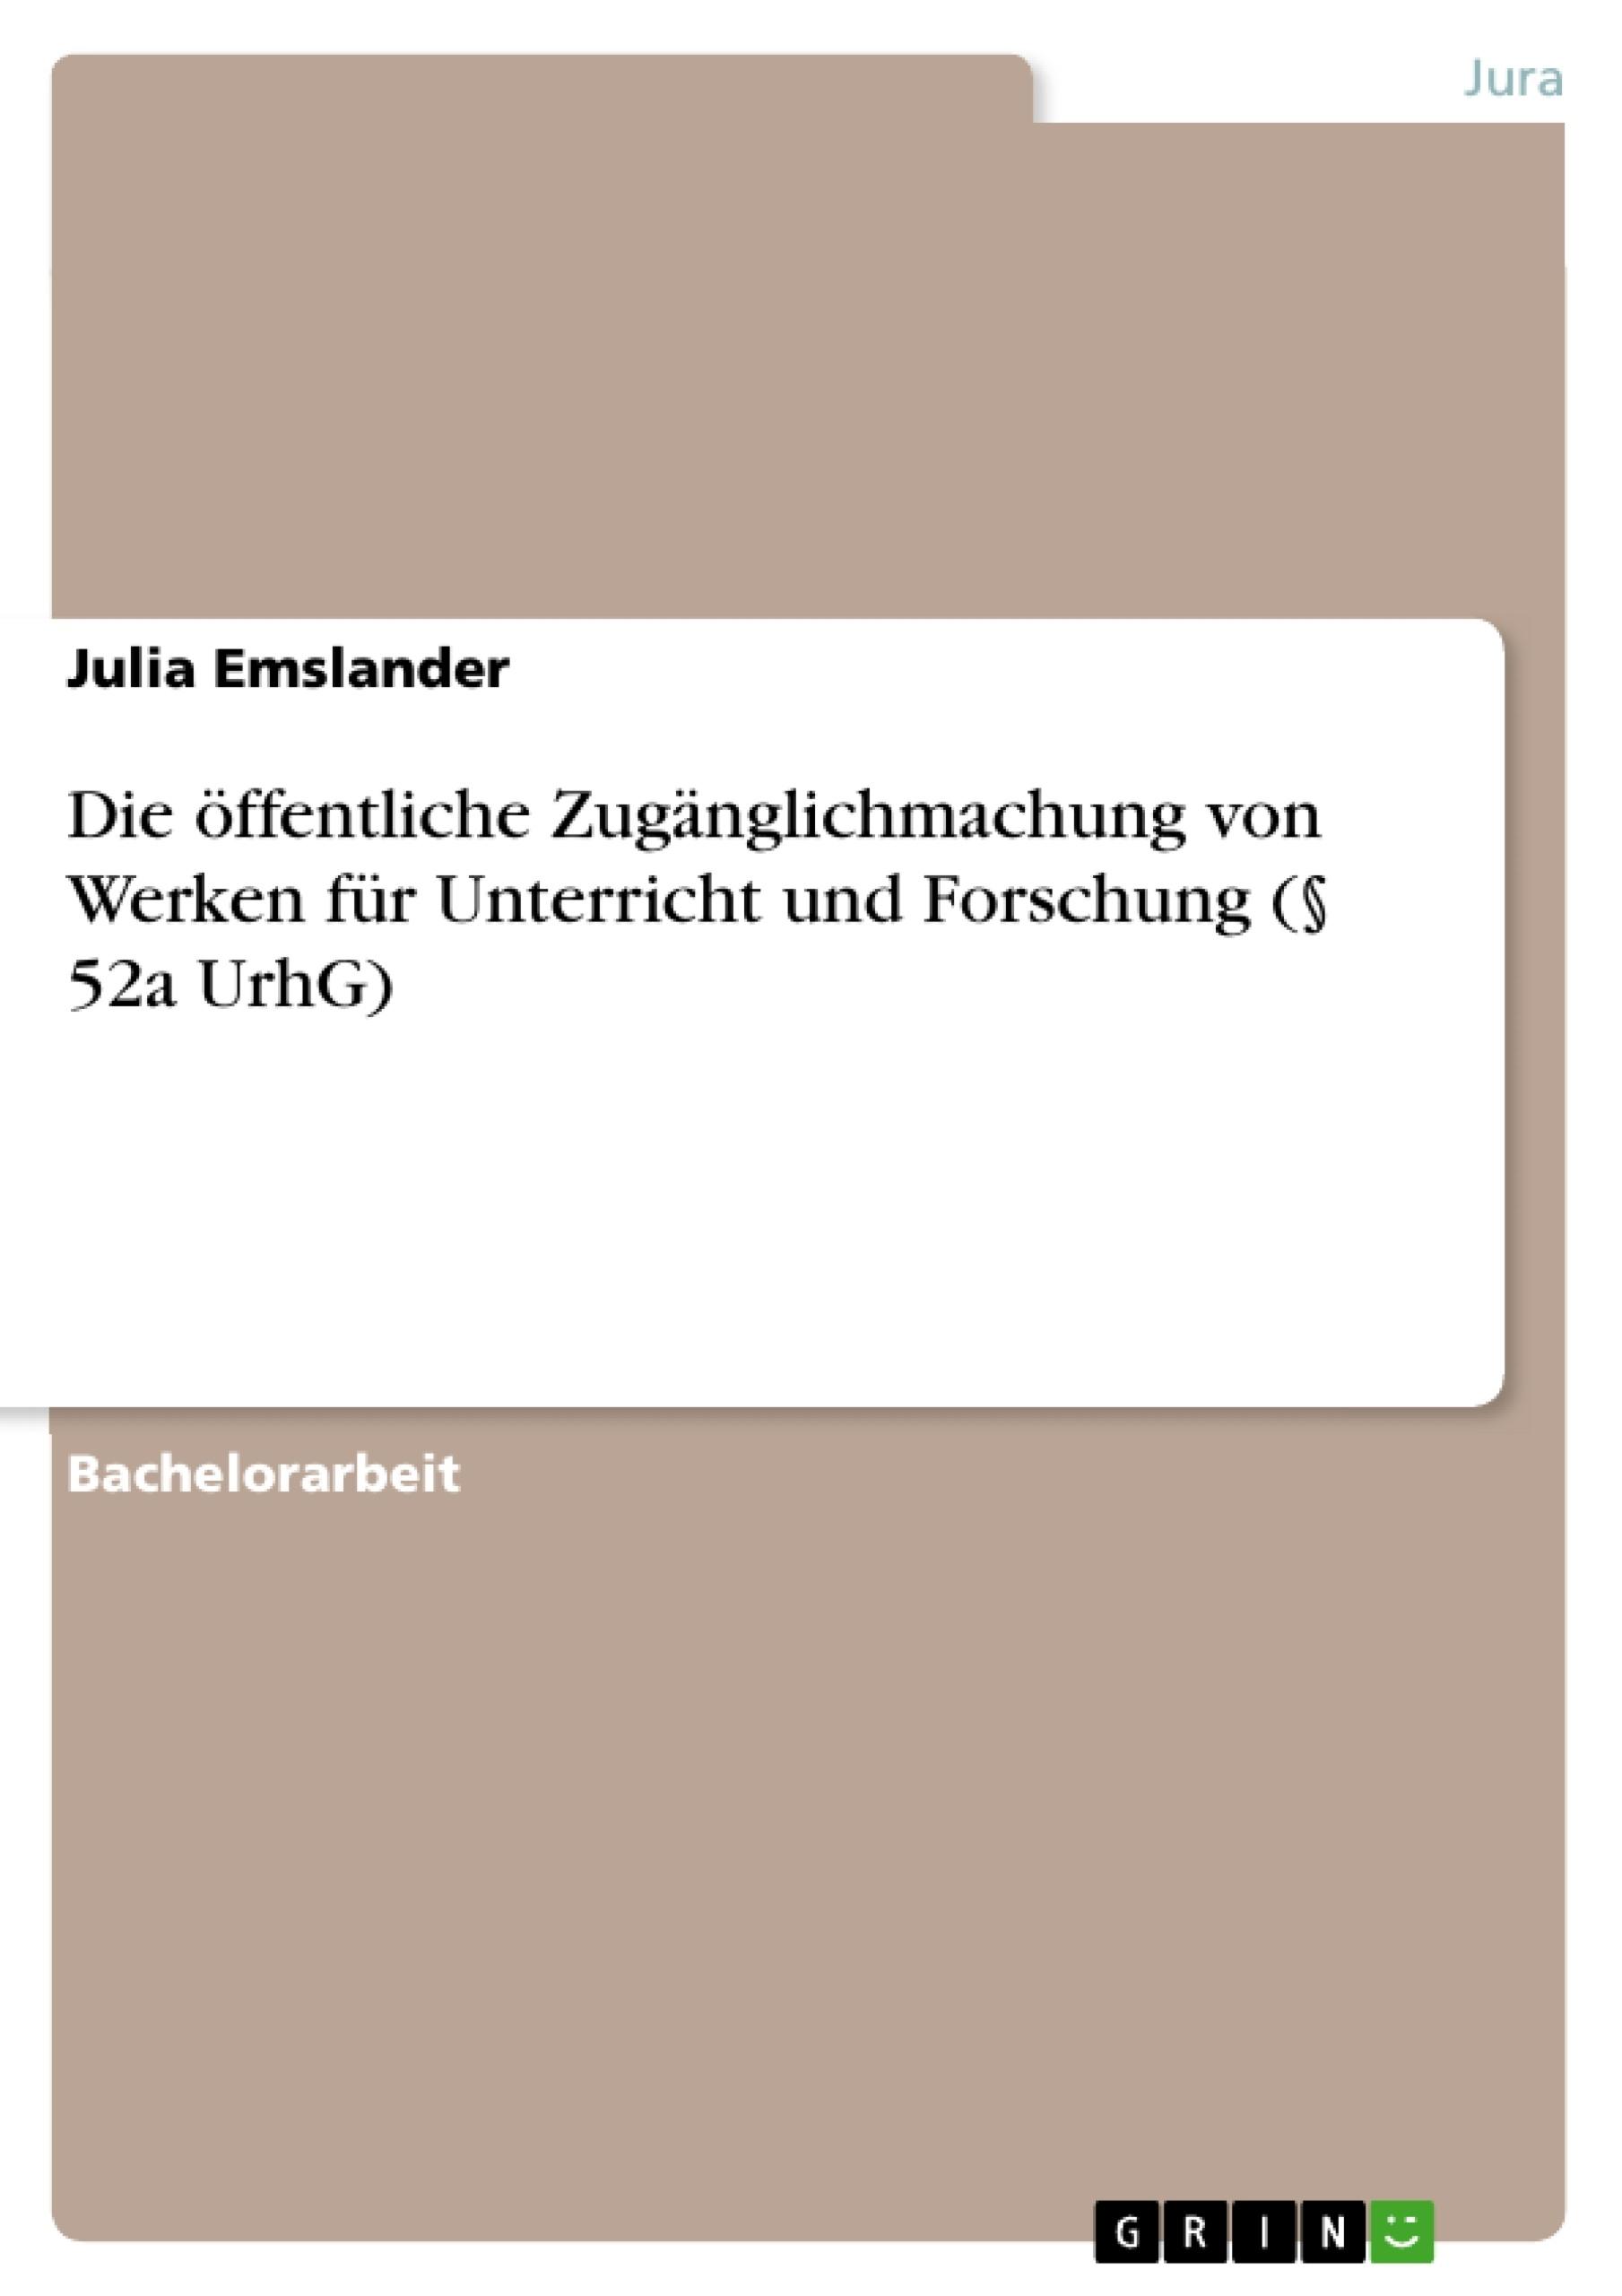 Titel: Die öffentliche Zugänglichmachung von Werken für Unterricht und Forschung (§ 52a UrhG)